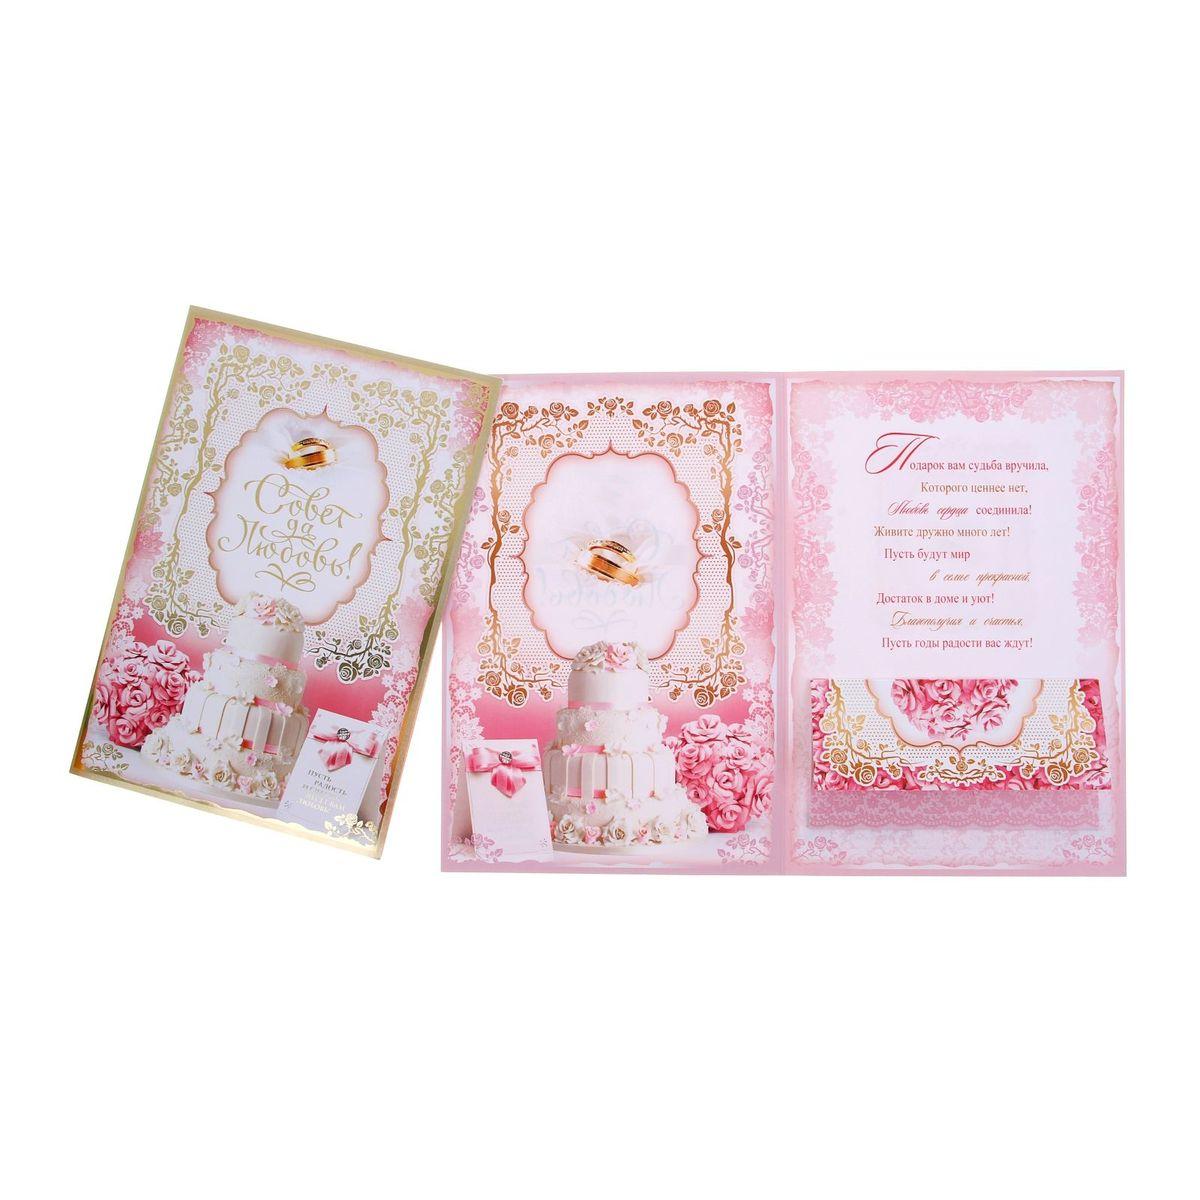 Открытка Русский дизайн Совет да Любовь! Торт, кольца, узор, А5 осв 0006 открытка конверт совет да любовь сердечко на кубиках студия тётя роза